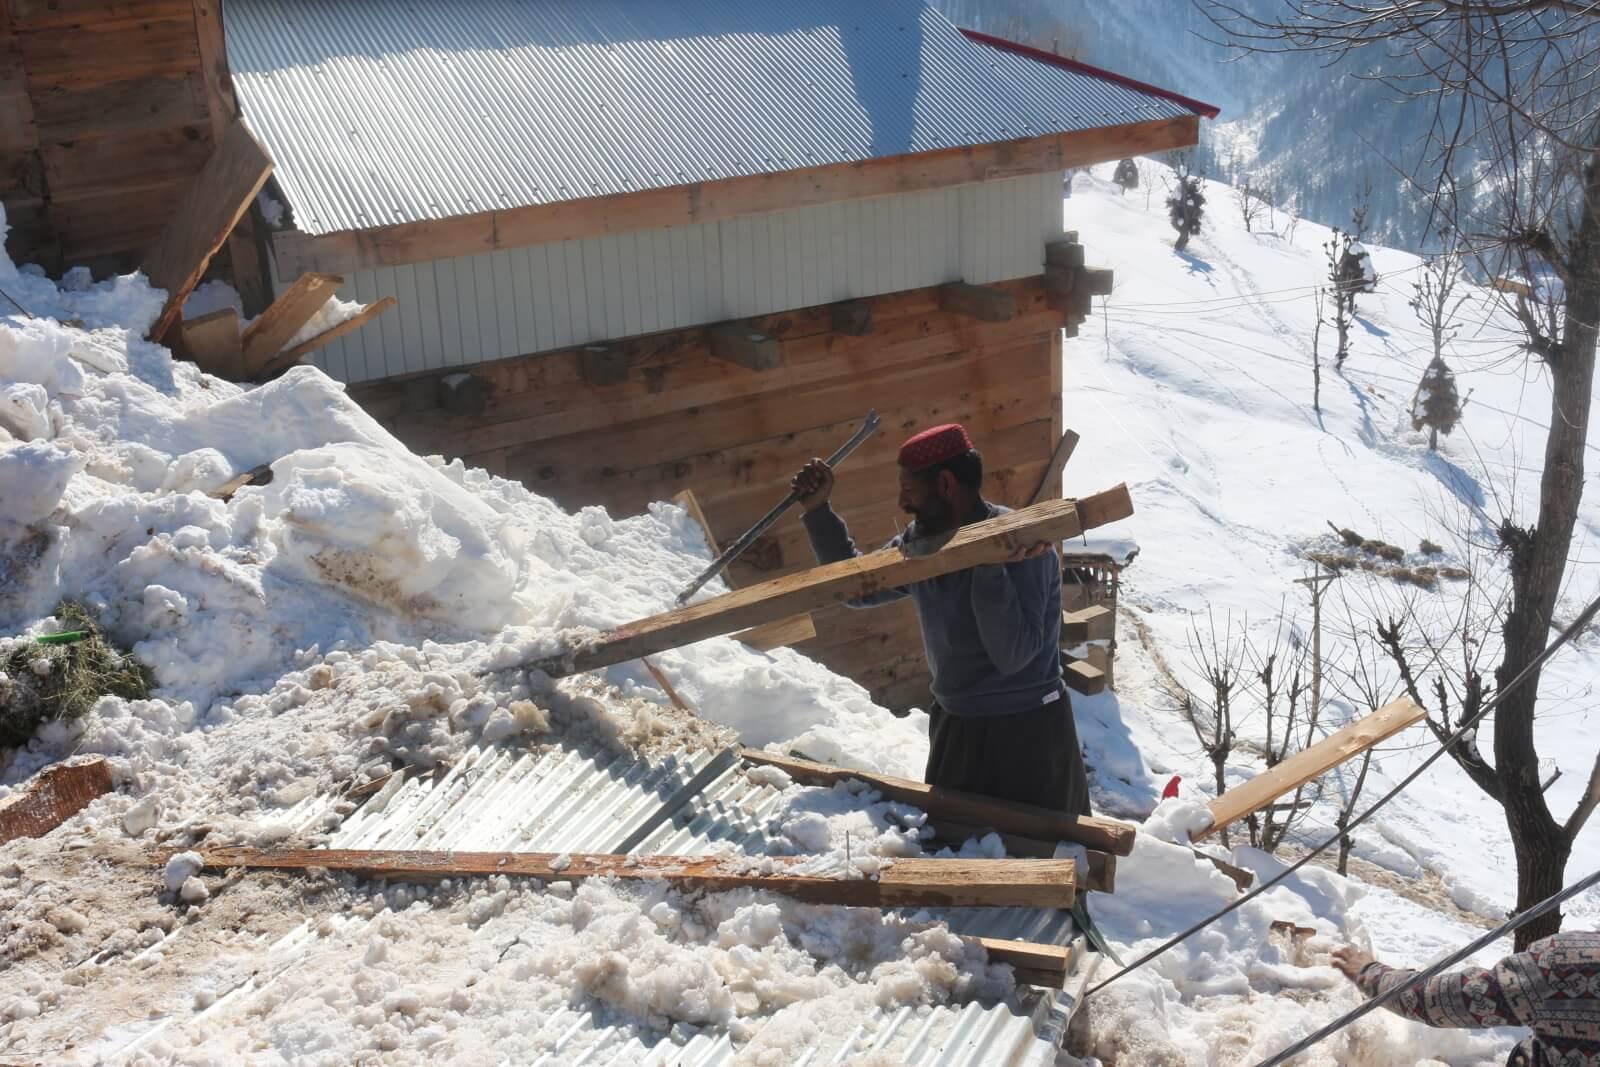 Katastrofa pogodowa w Pakistanie fot. EPA/AMIRUDDIN MUGHAL